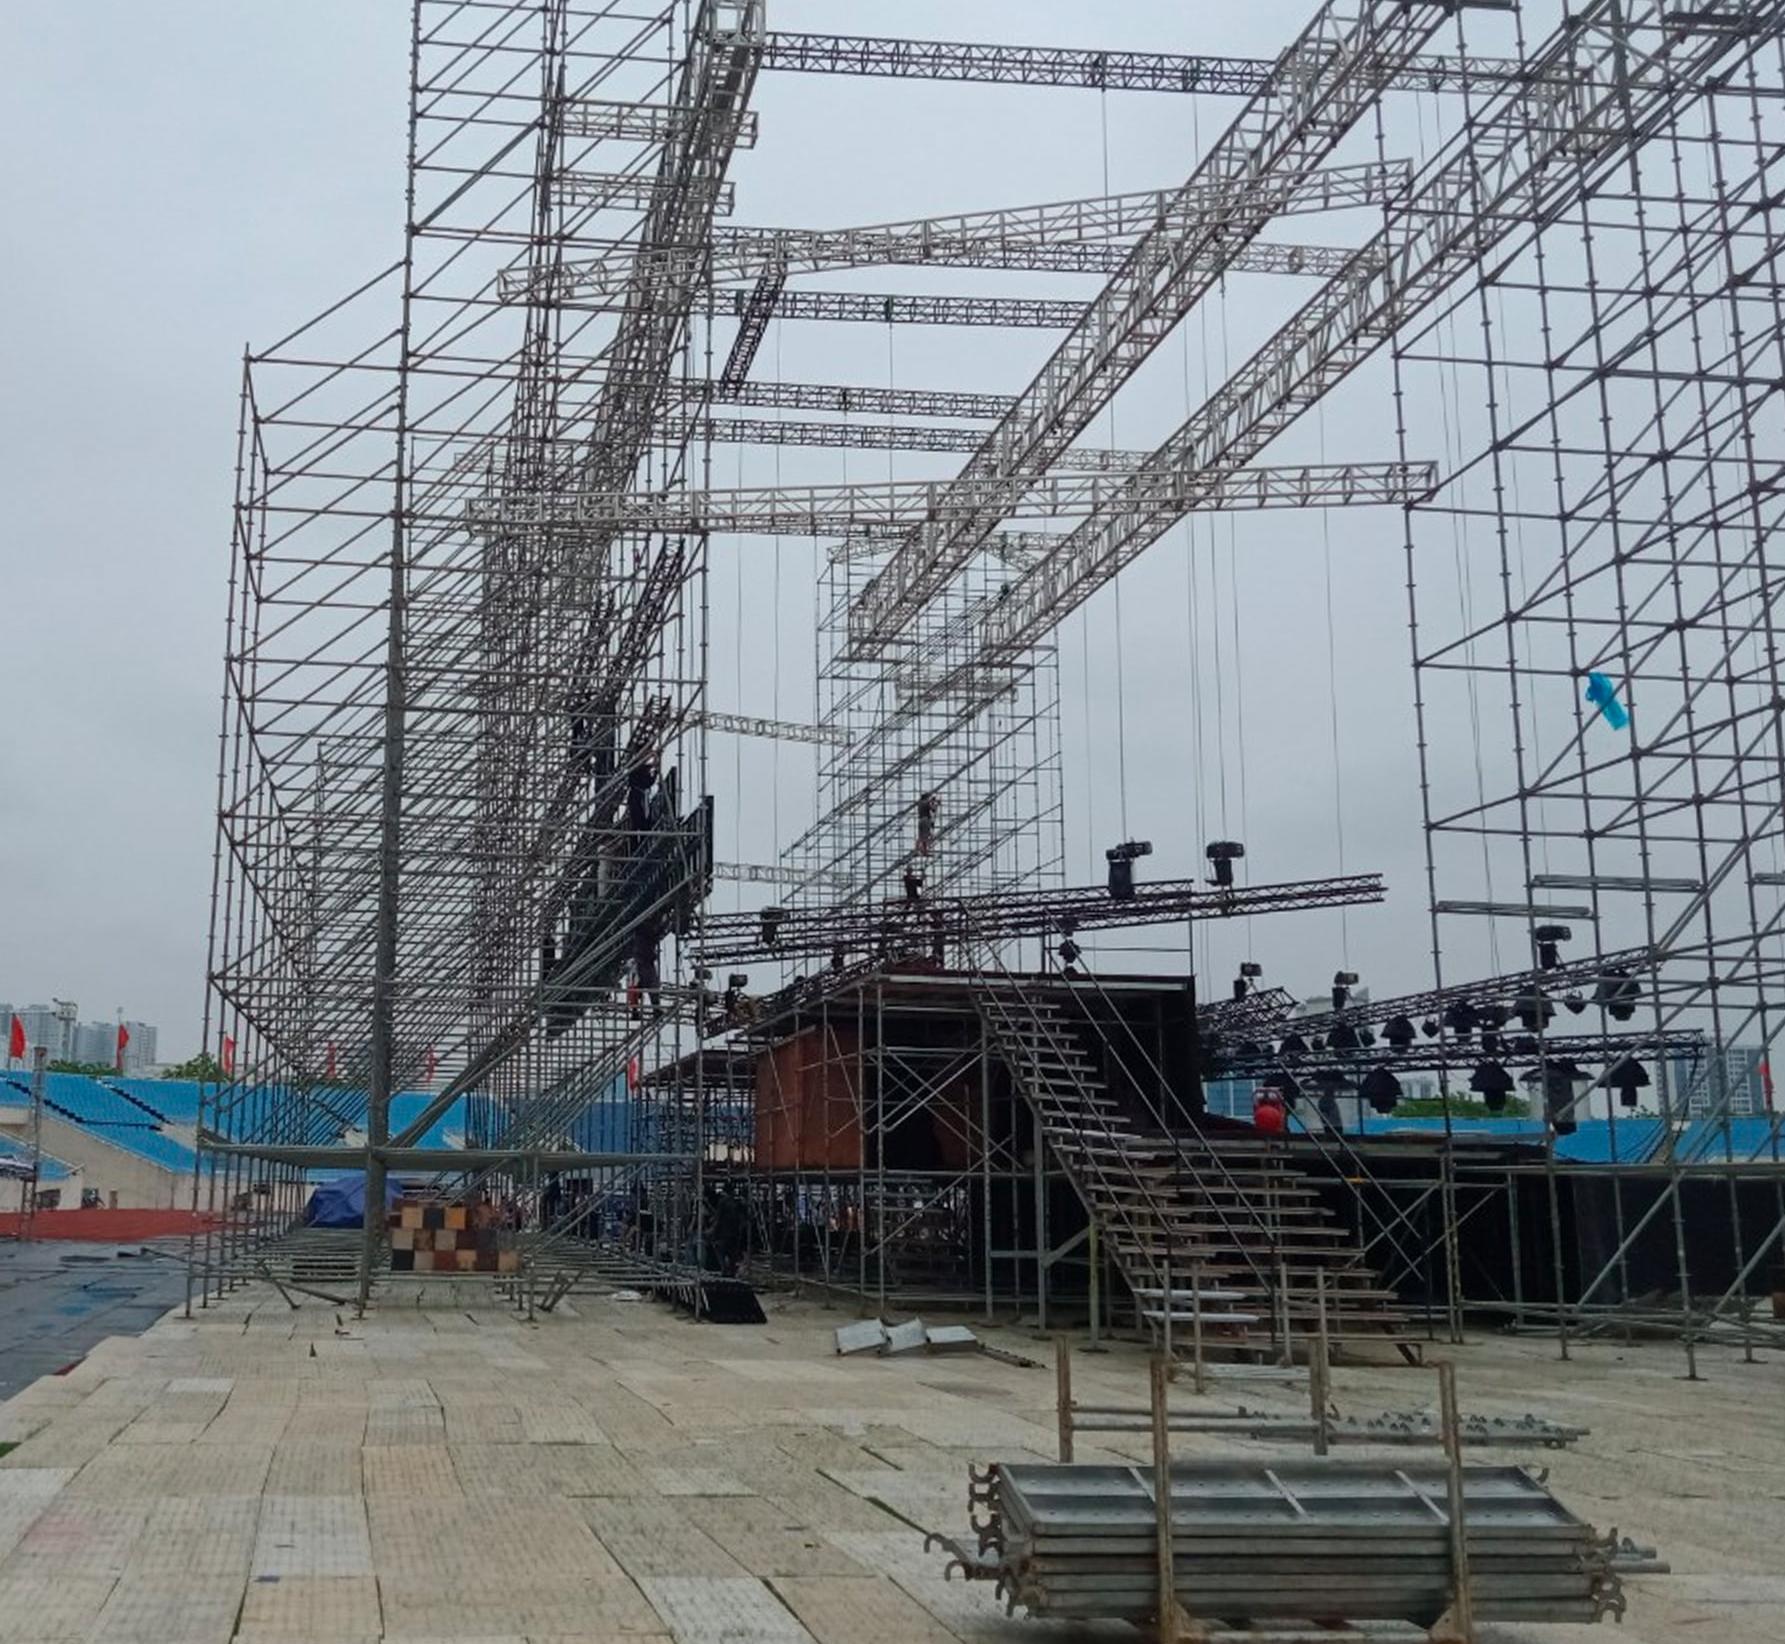 Sân khấu ở SVĐ Mỹ Định đã dựng sắp xong nhưng Mỹ Tâm vẫn phải buộc hủy liveshow.